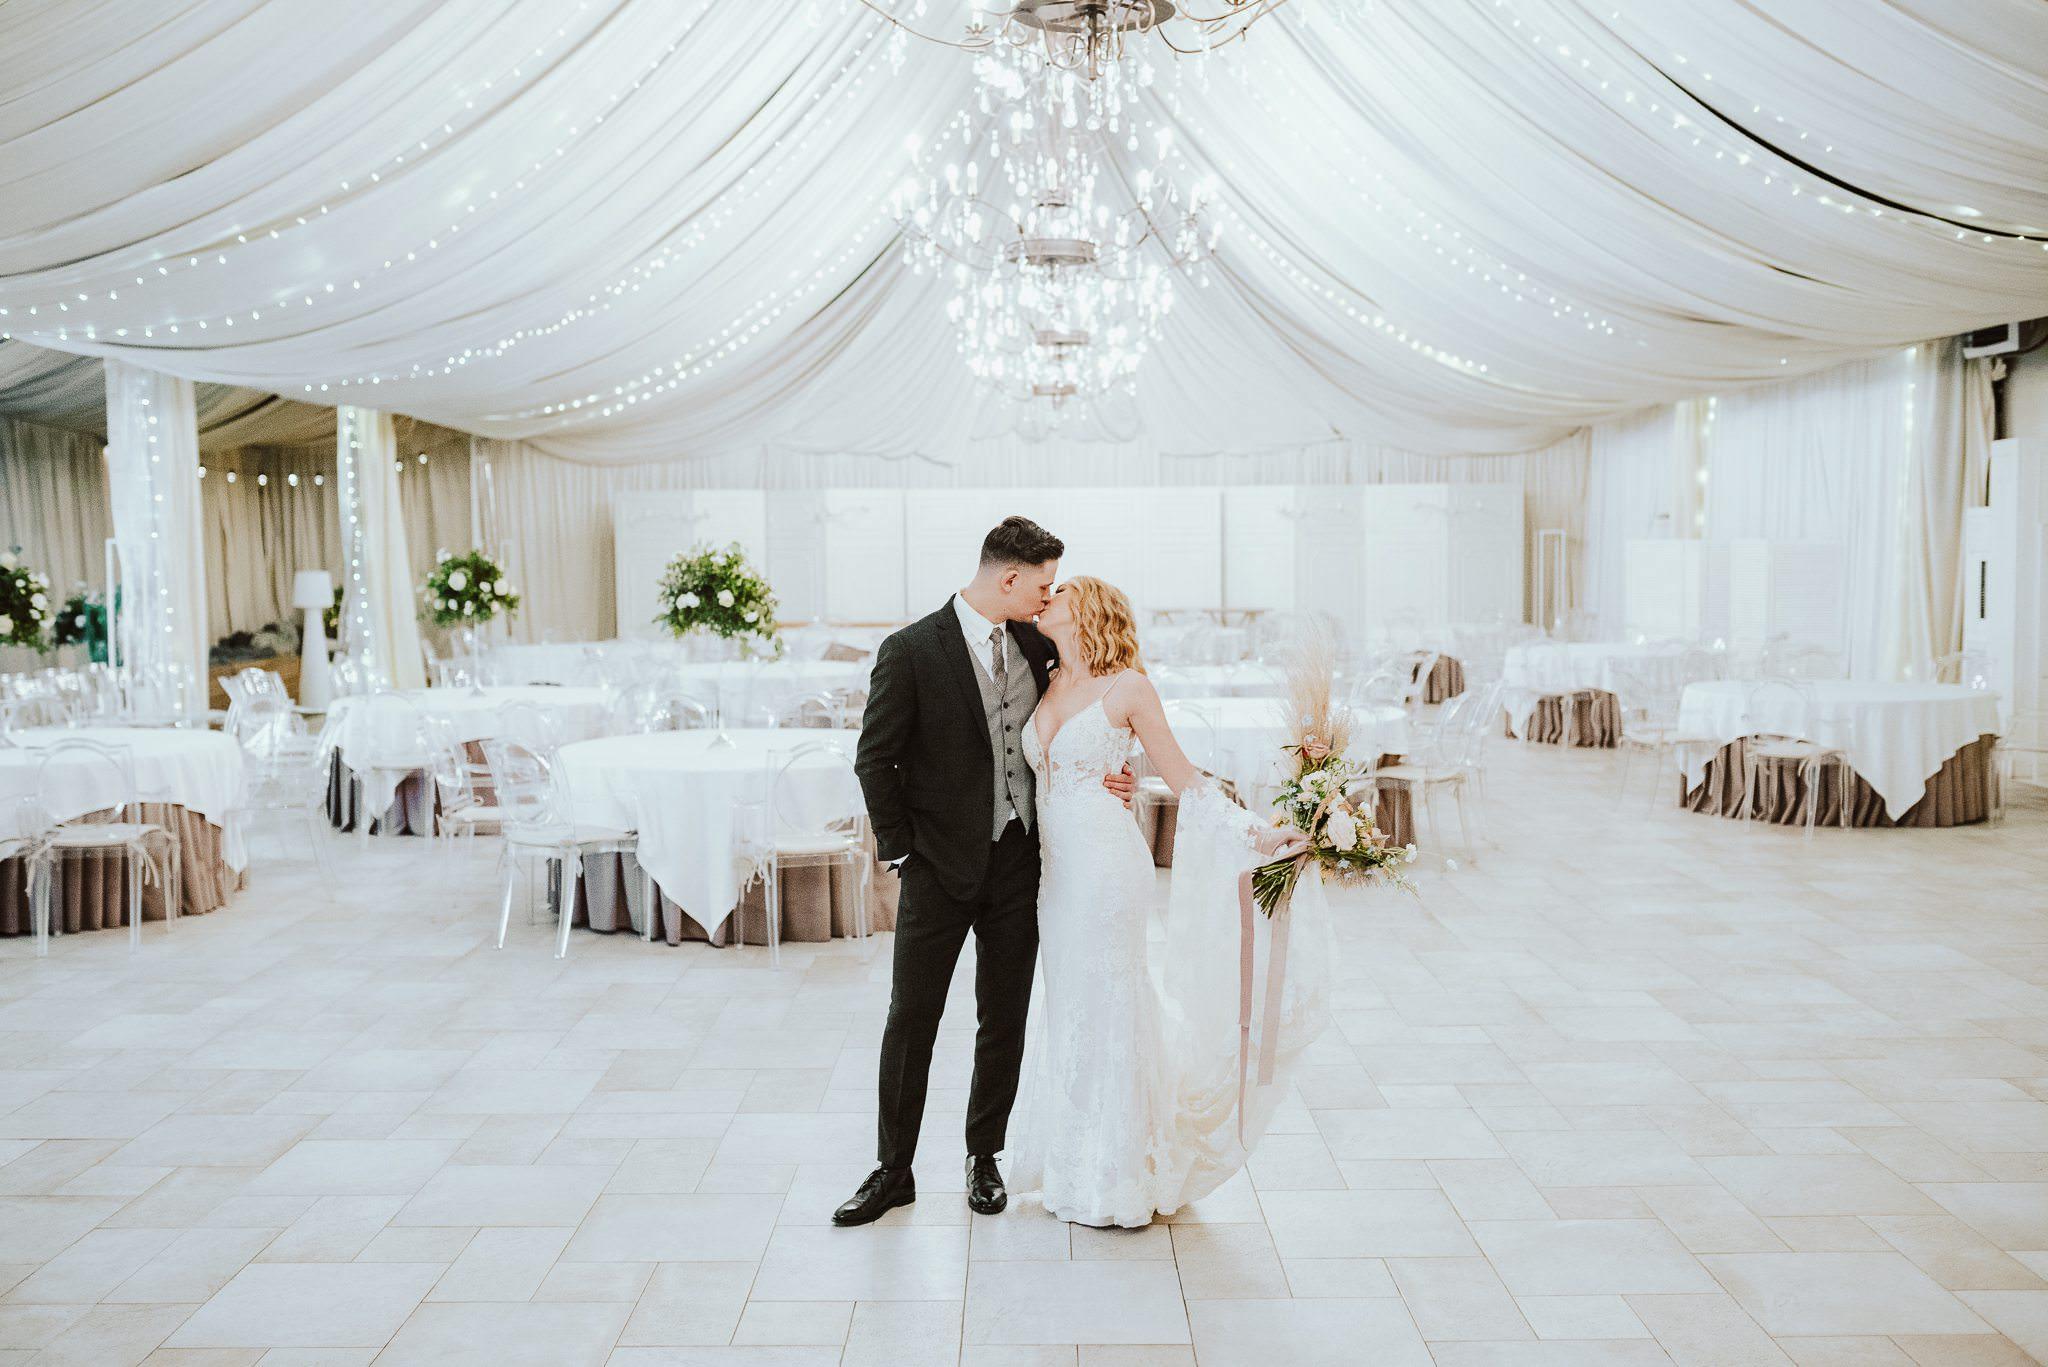 Stylizowana sesja ślubna - Miętowe Wzgórza 5